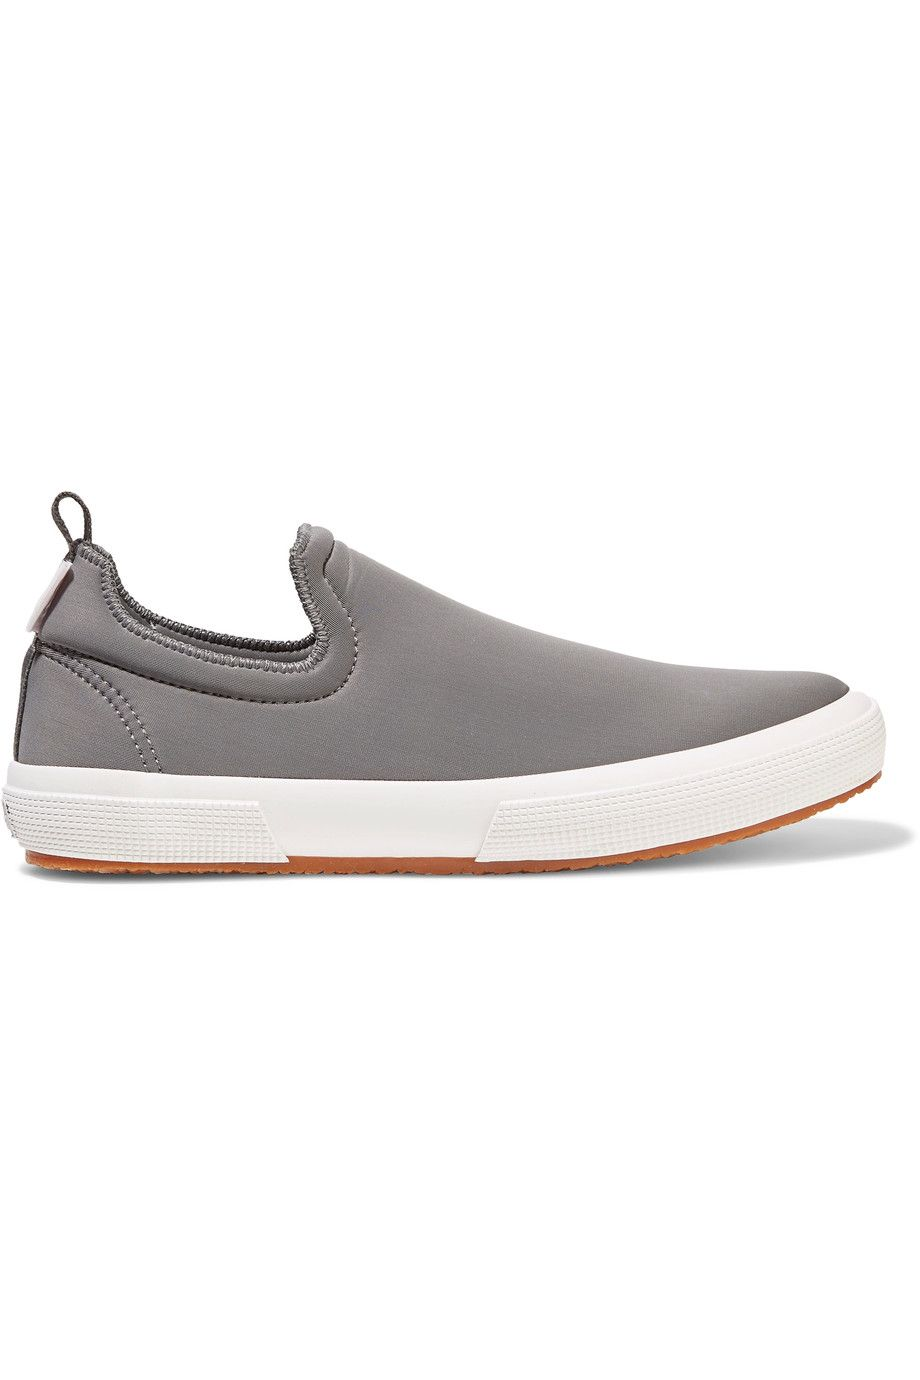 Superga Neoprene Slip-on Sneakers